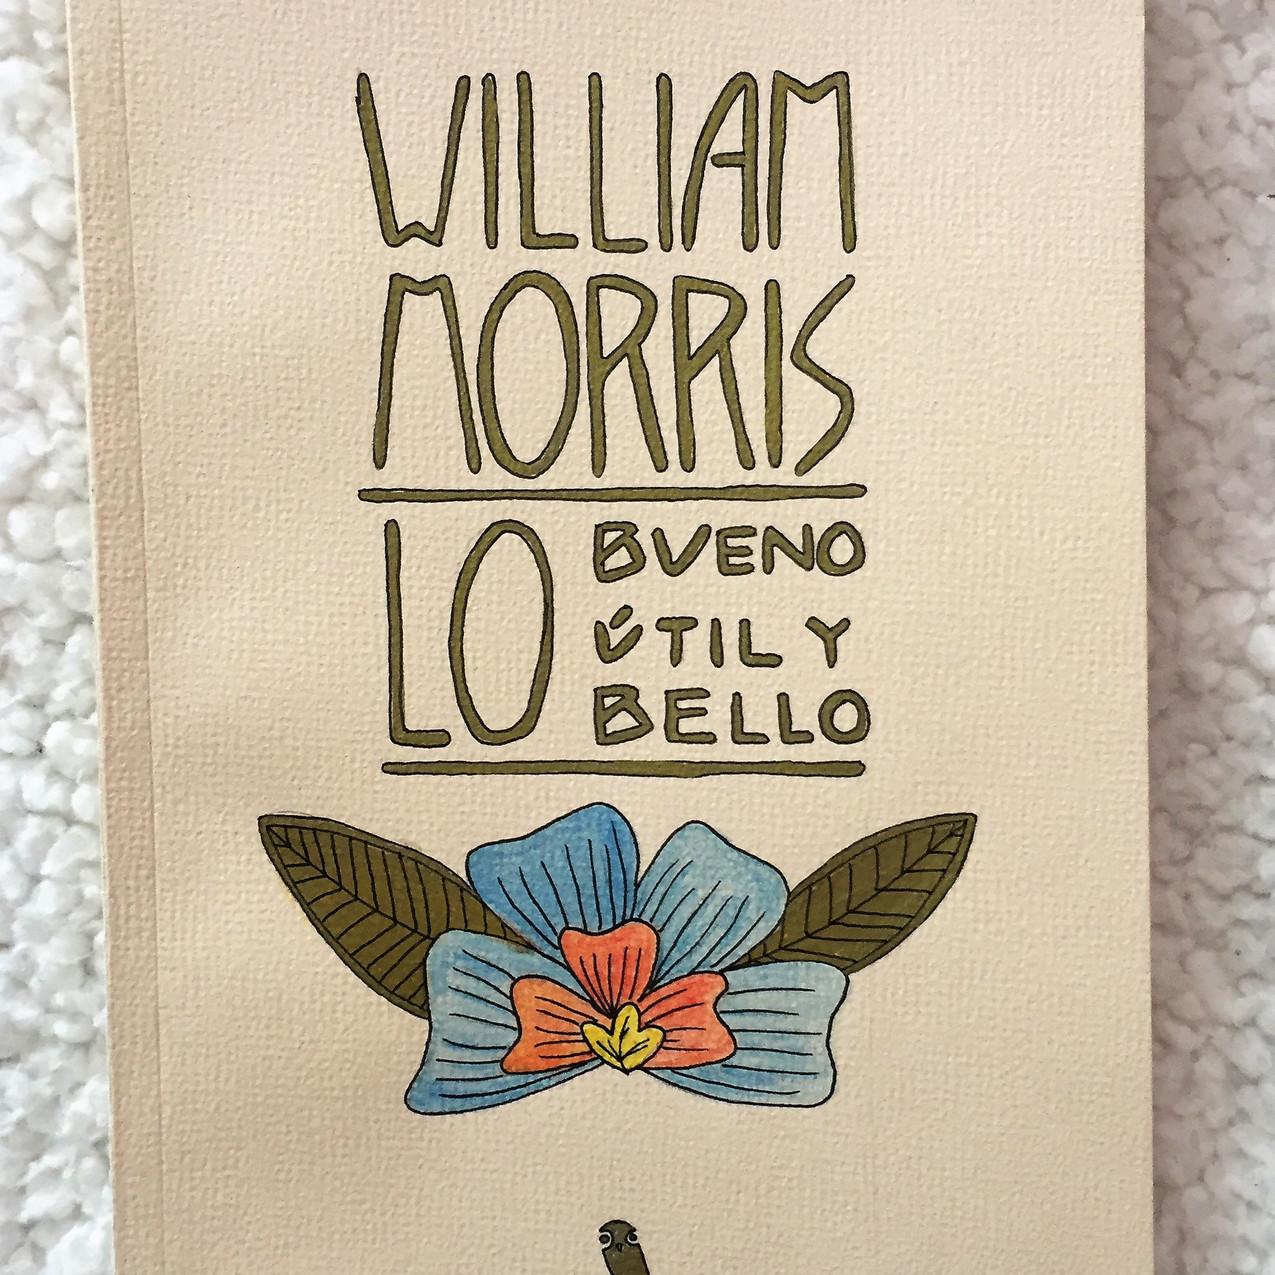 edición_especial_william_morris_mochuelo_libros_4